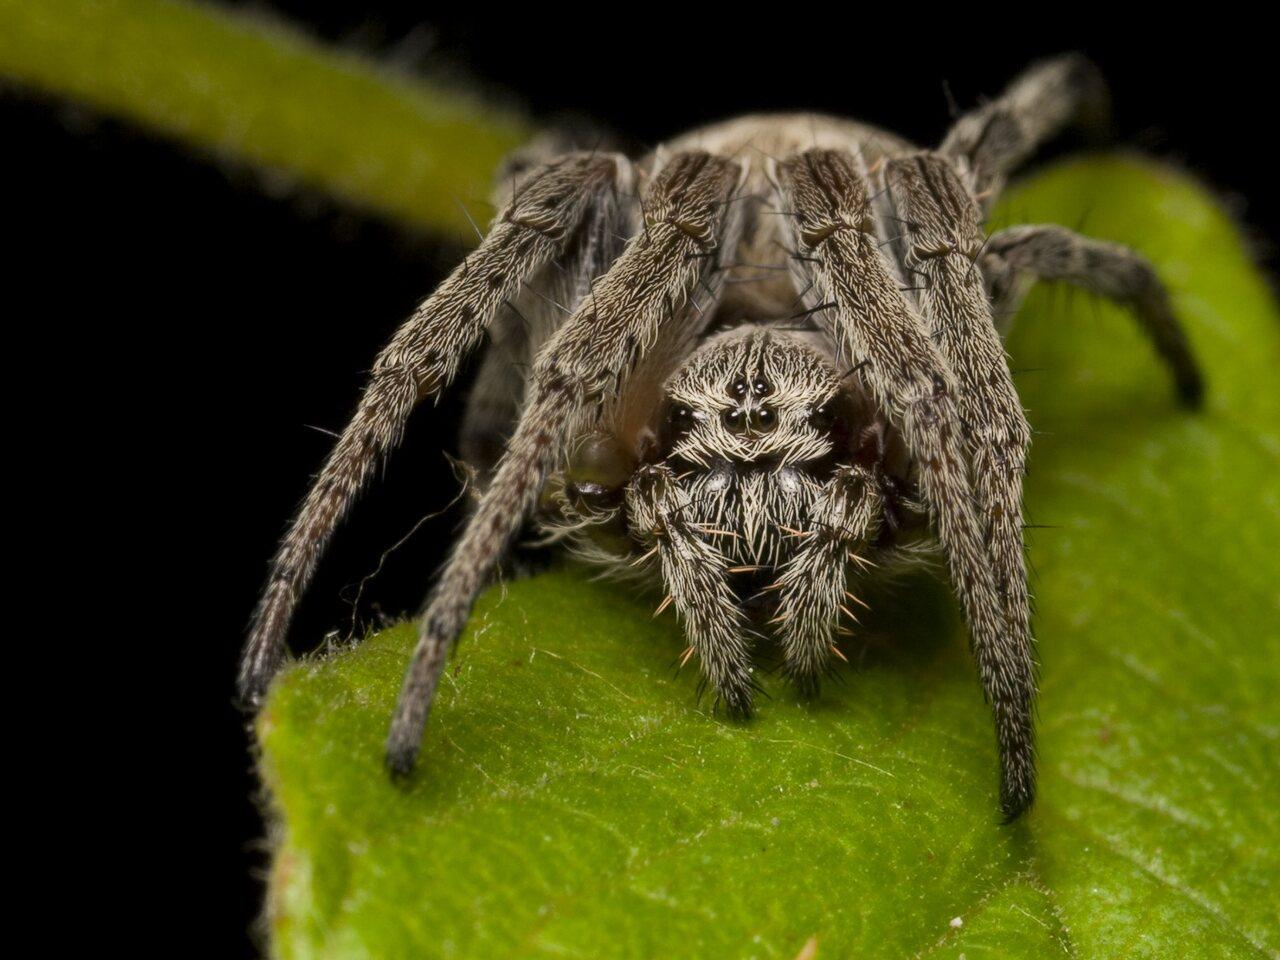 Larinioides-cornutus-1190.jpg